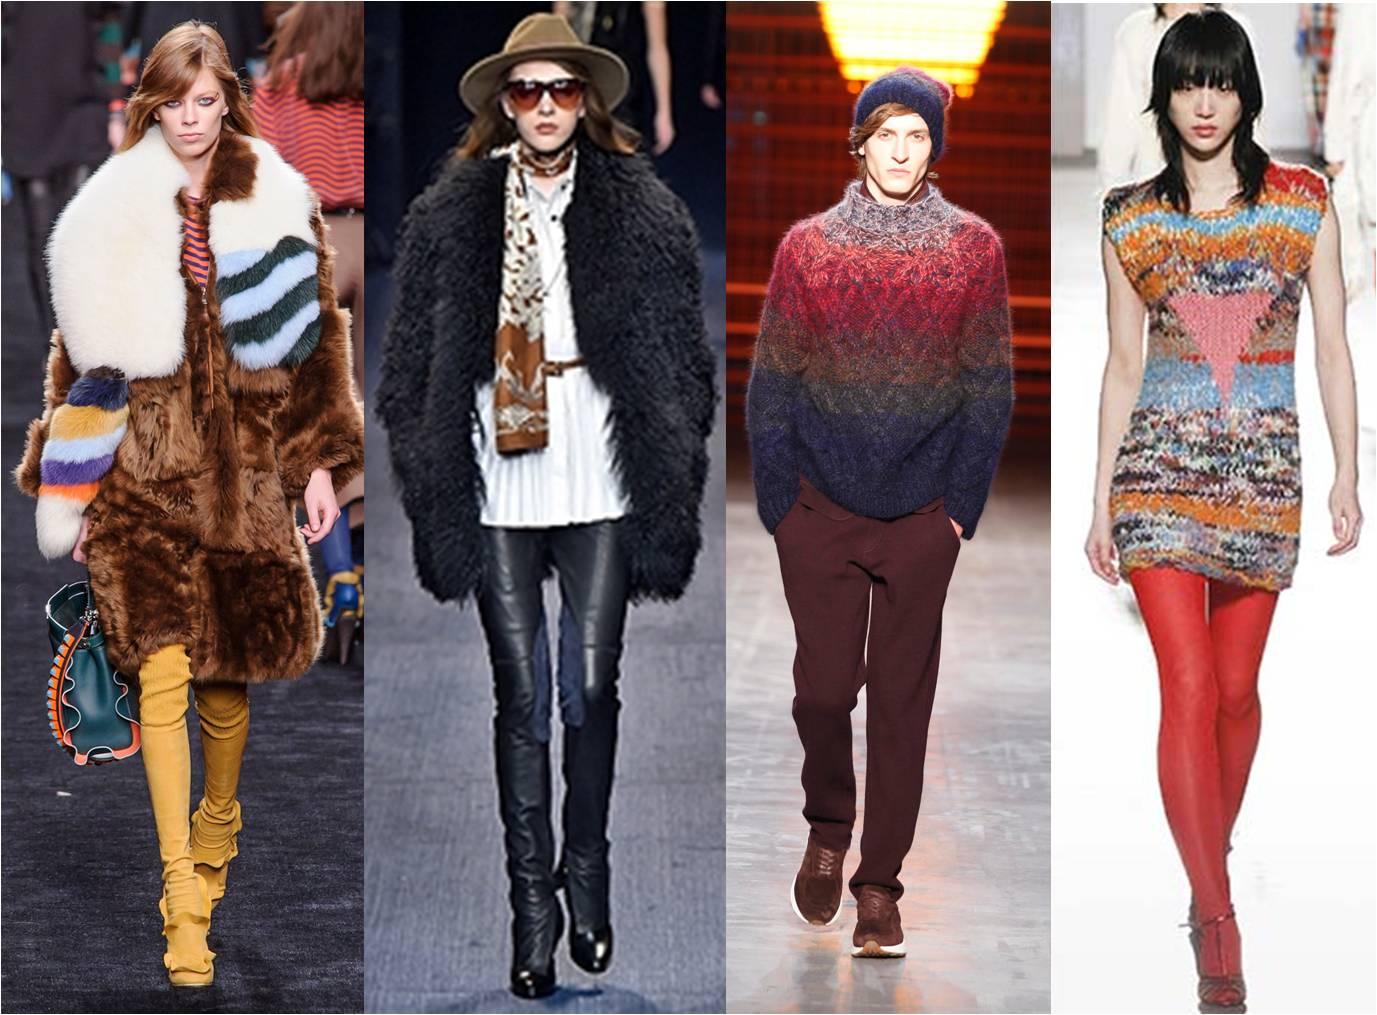 oversized fur sweaters -autumn fall fashion trends 2017oversized fur sweaters -autumn fall fashion trends 2017